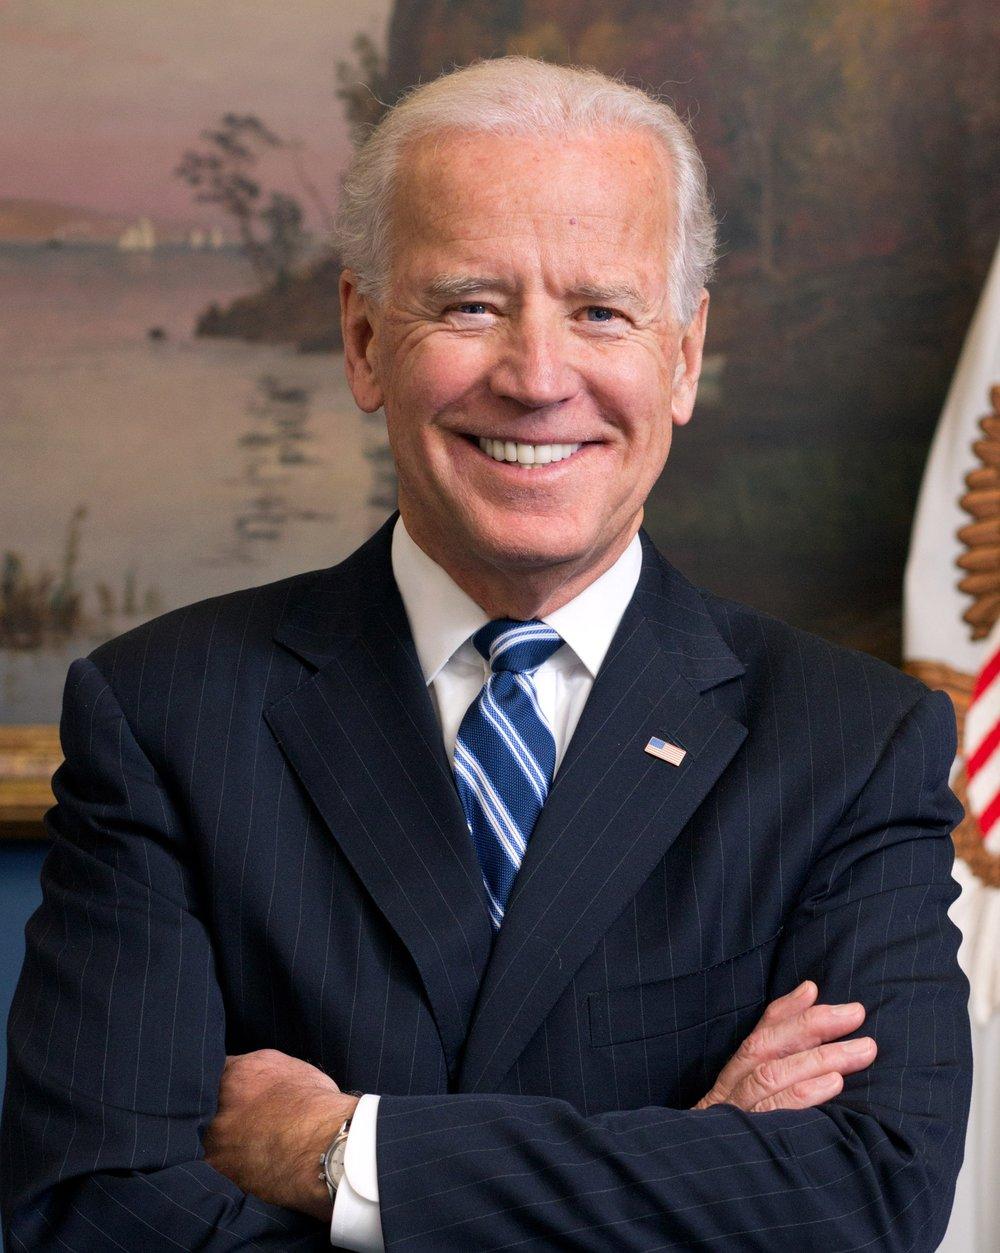 Vice_President_Joe_Biden.jpg